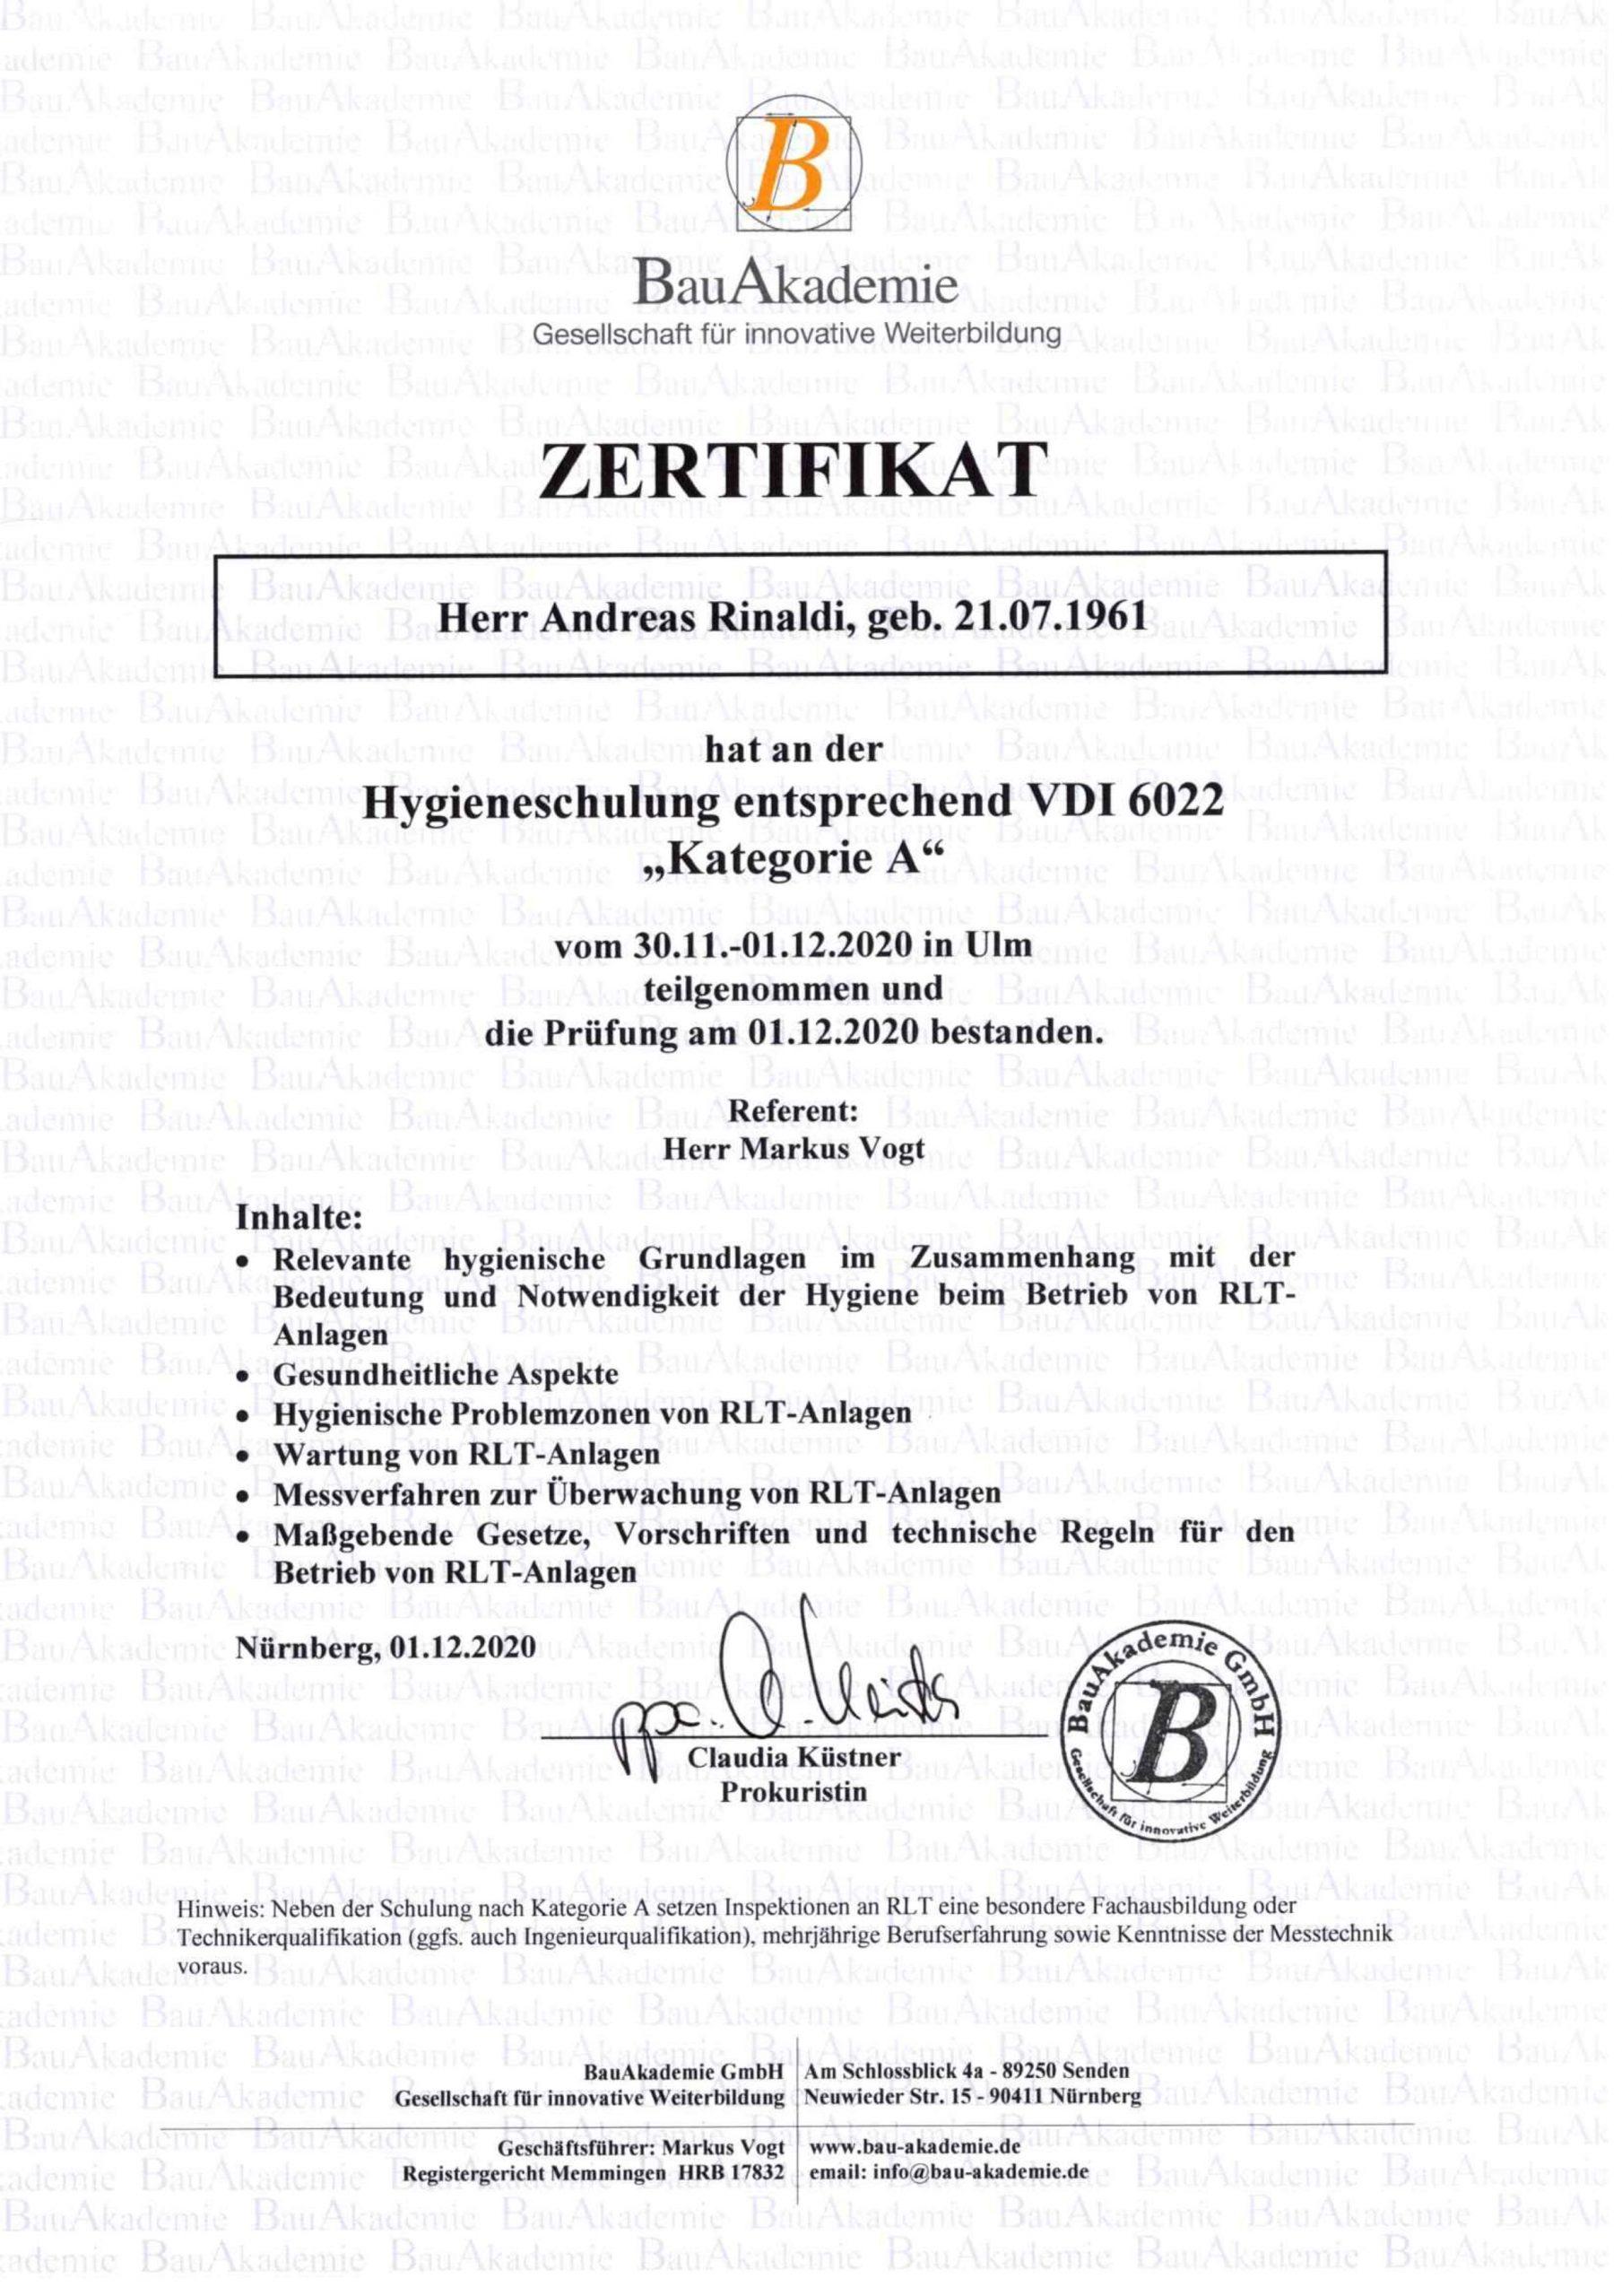 Zertifikat Hygieneschulung